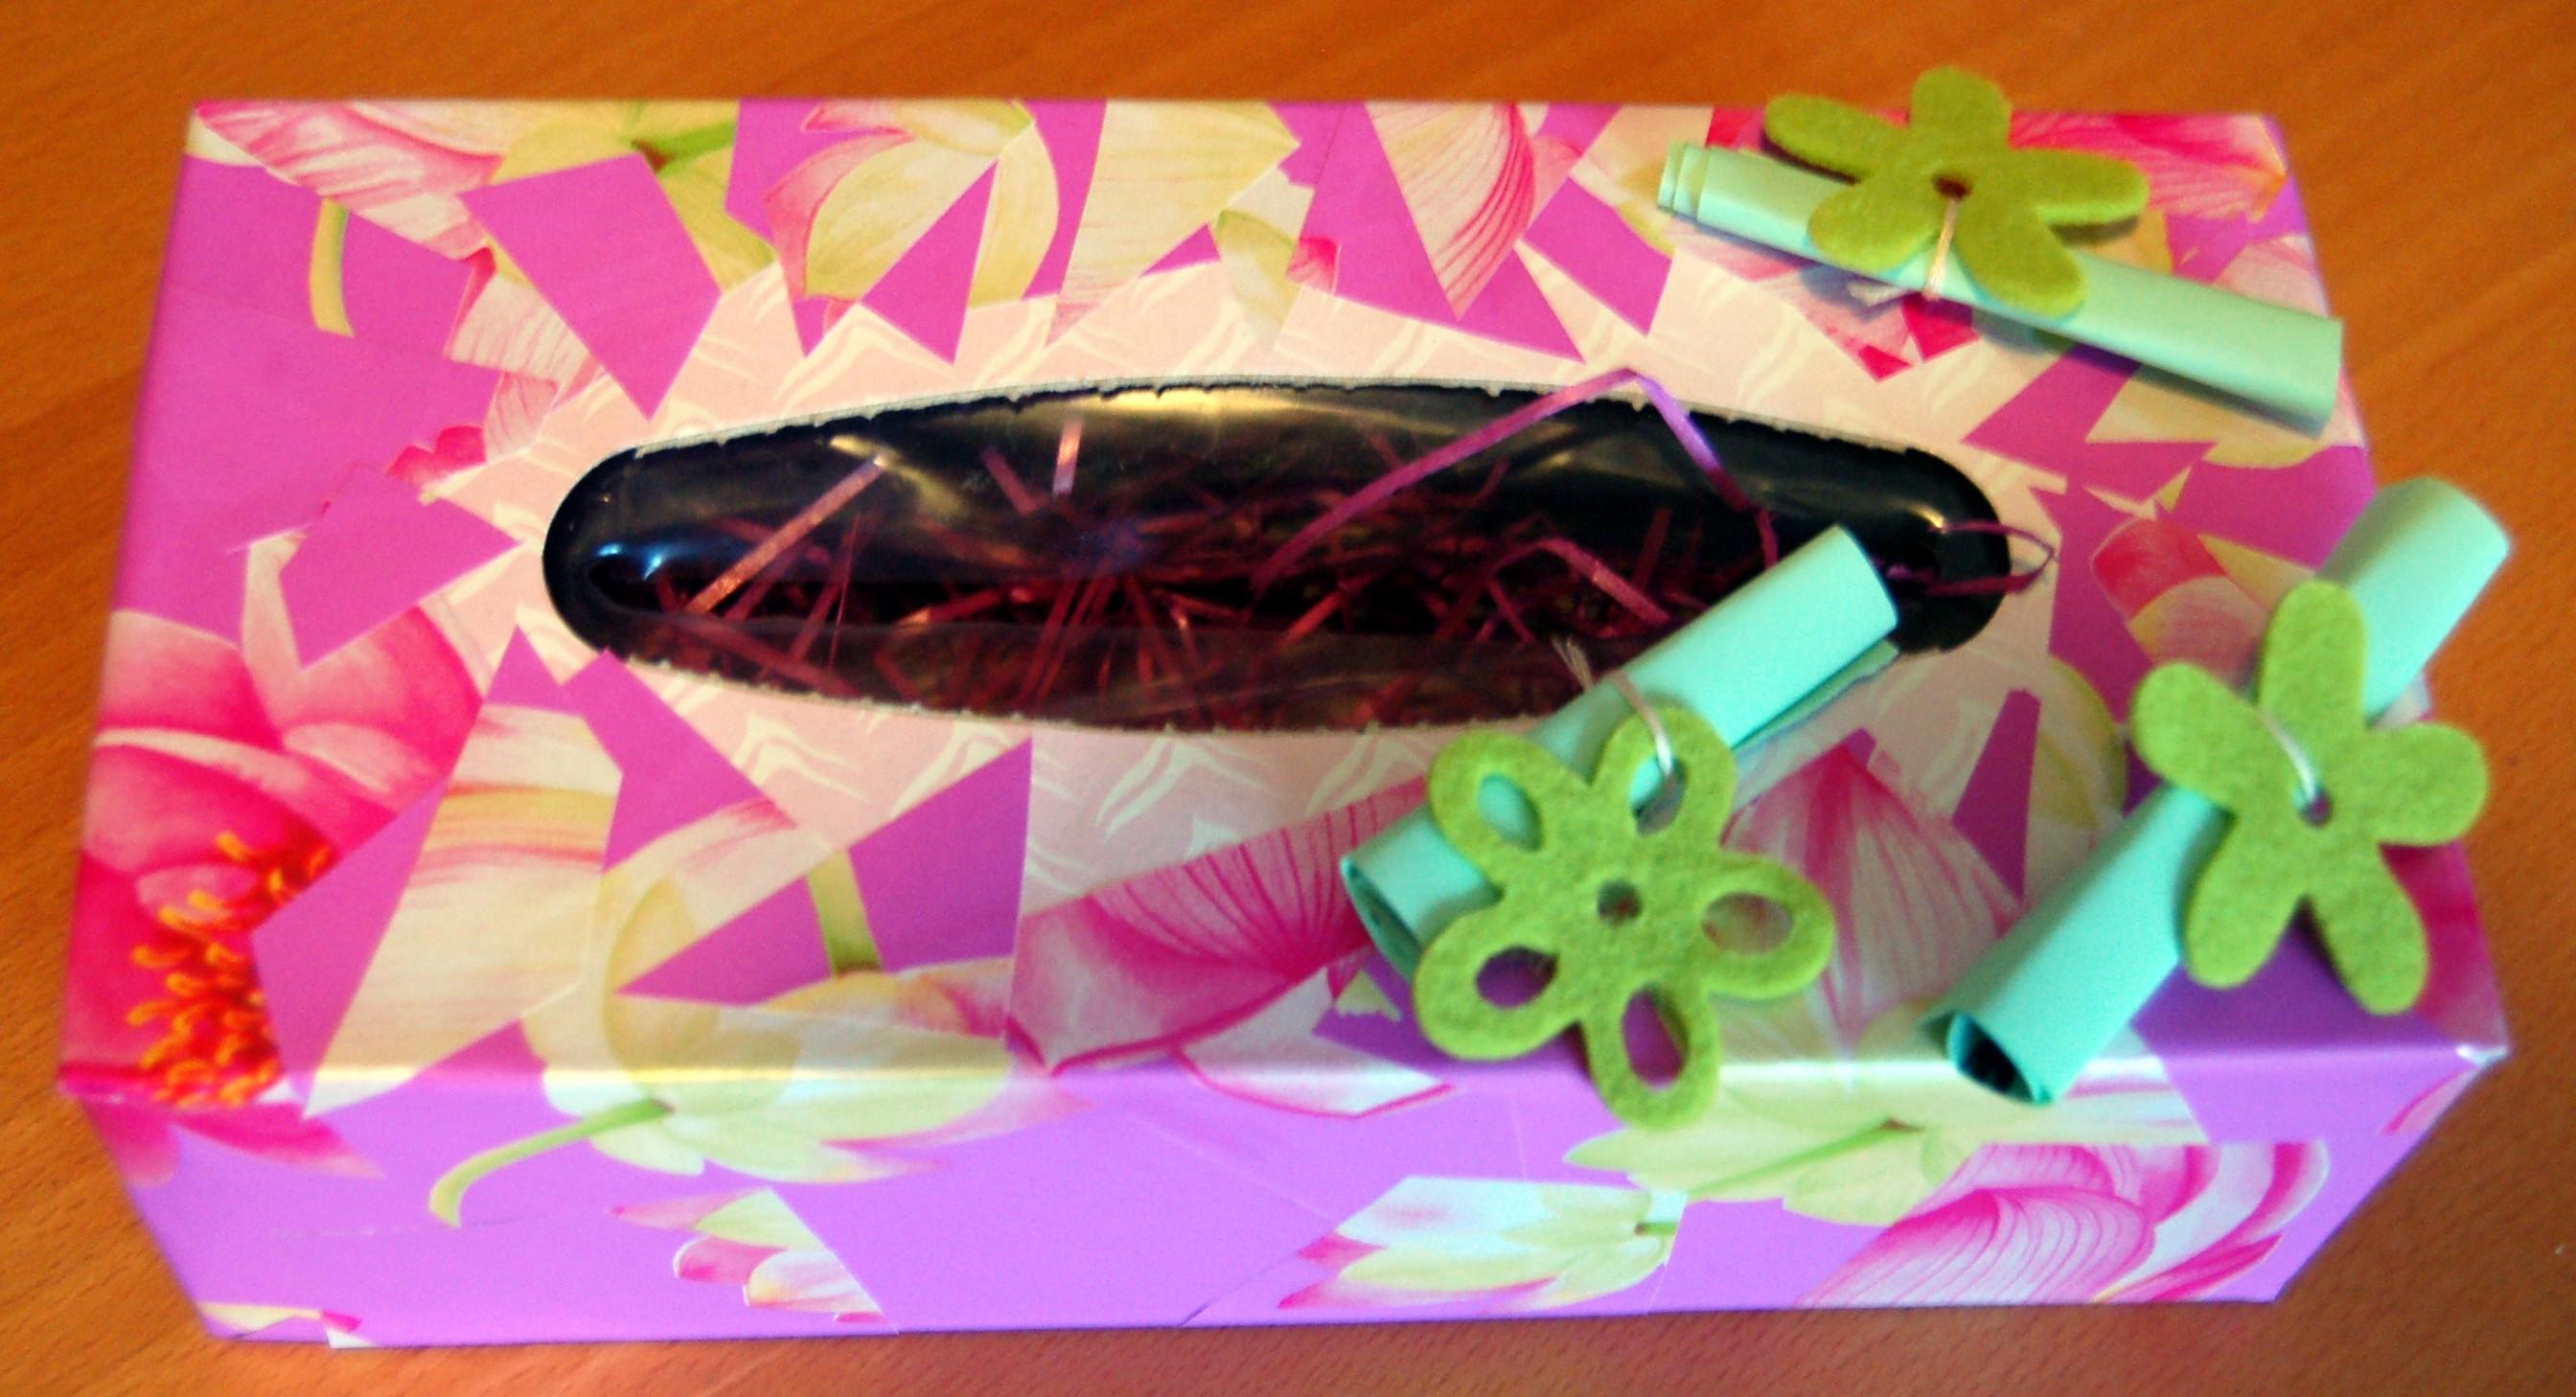 abbastanza Idee regalo fai da te per la Mamma: la scatola dei desideri | VY84